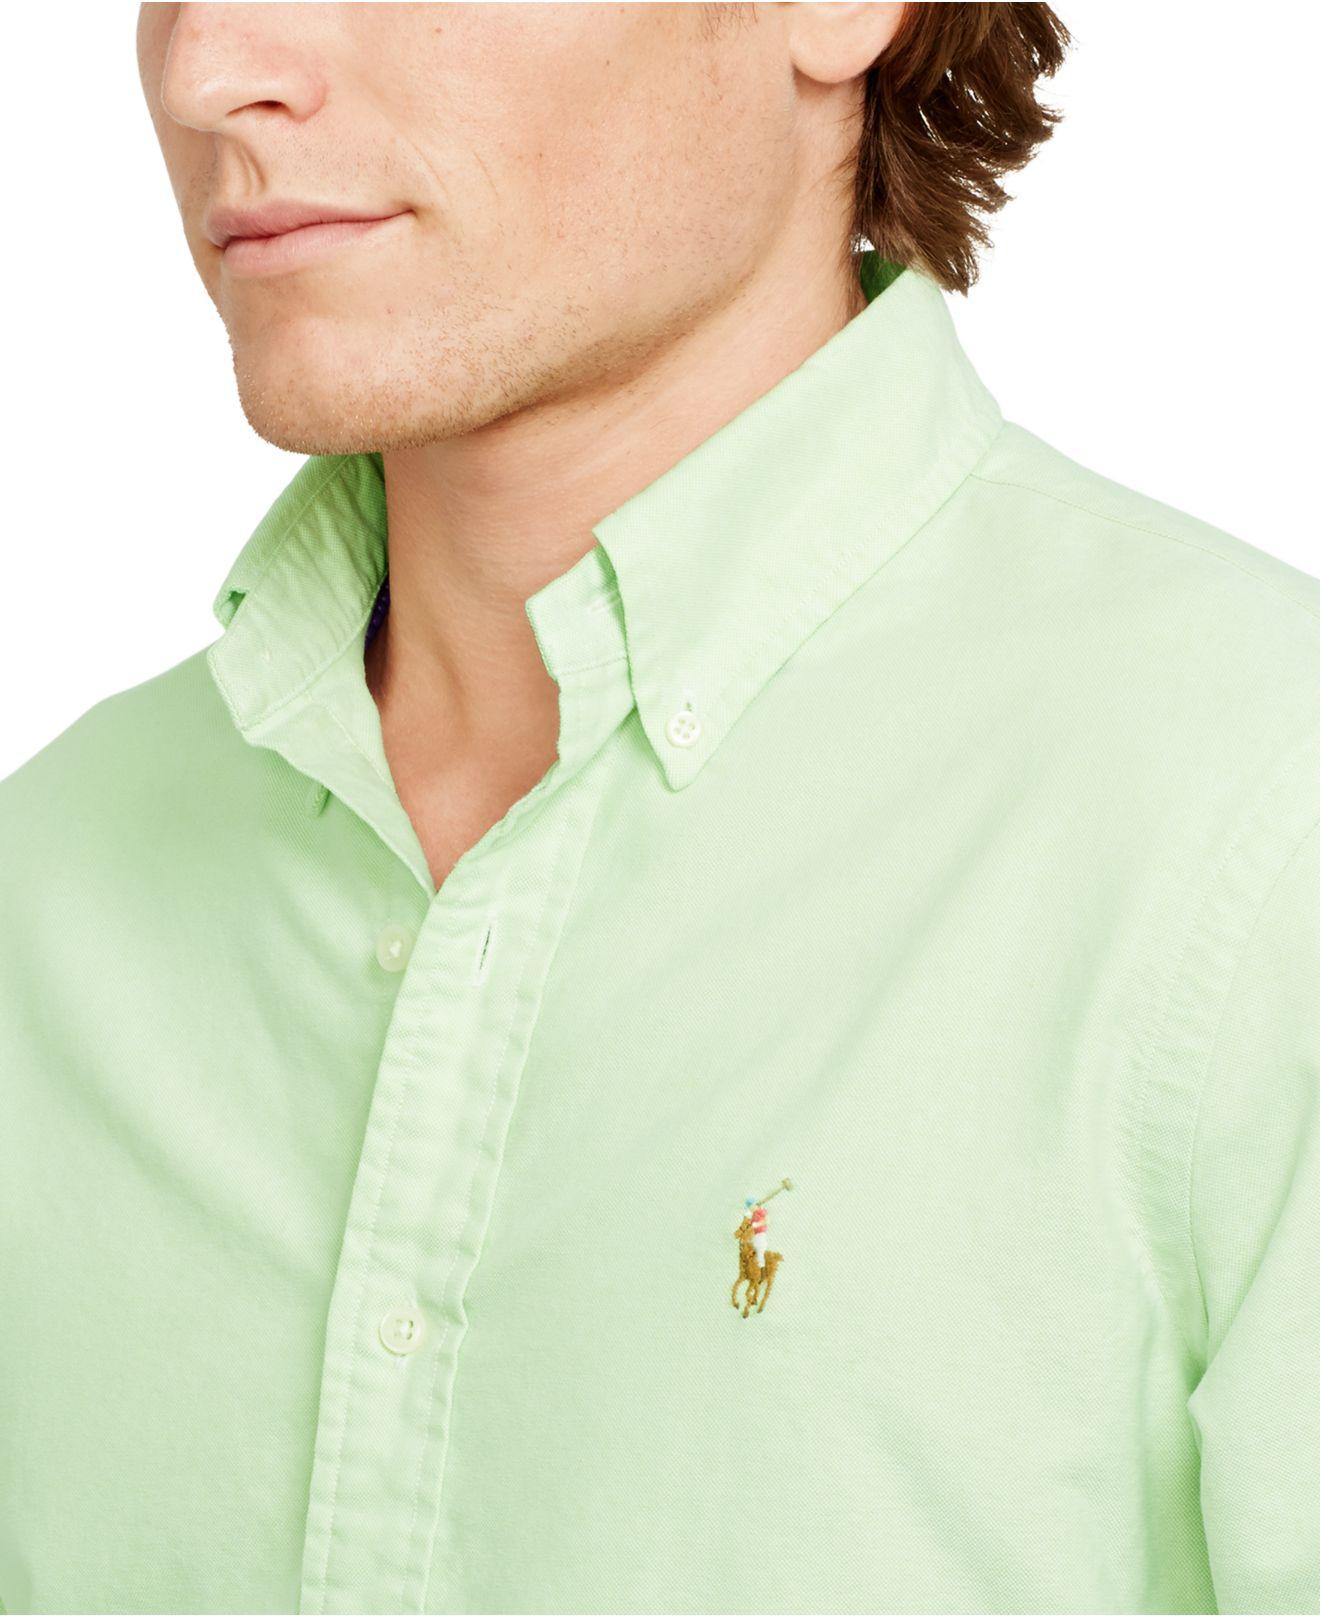 Lime Green Mens Shirt Uk Summer Cook